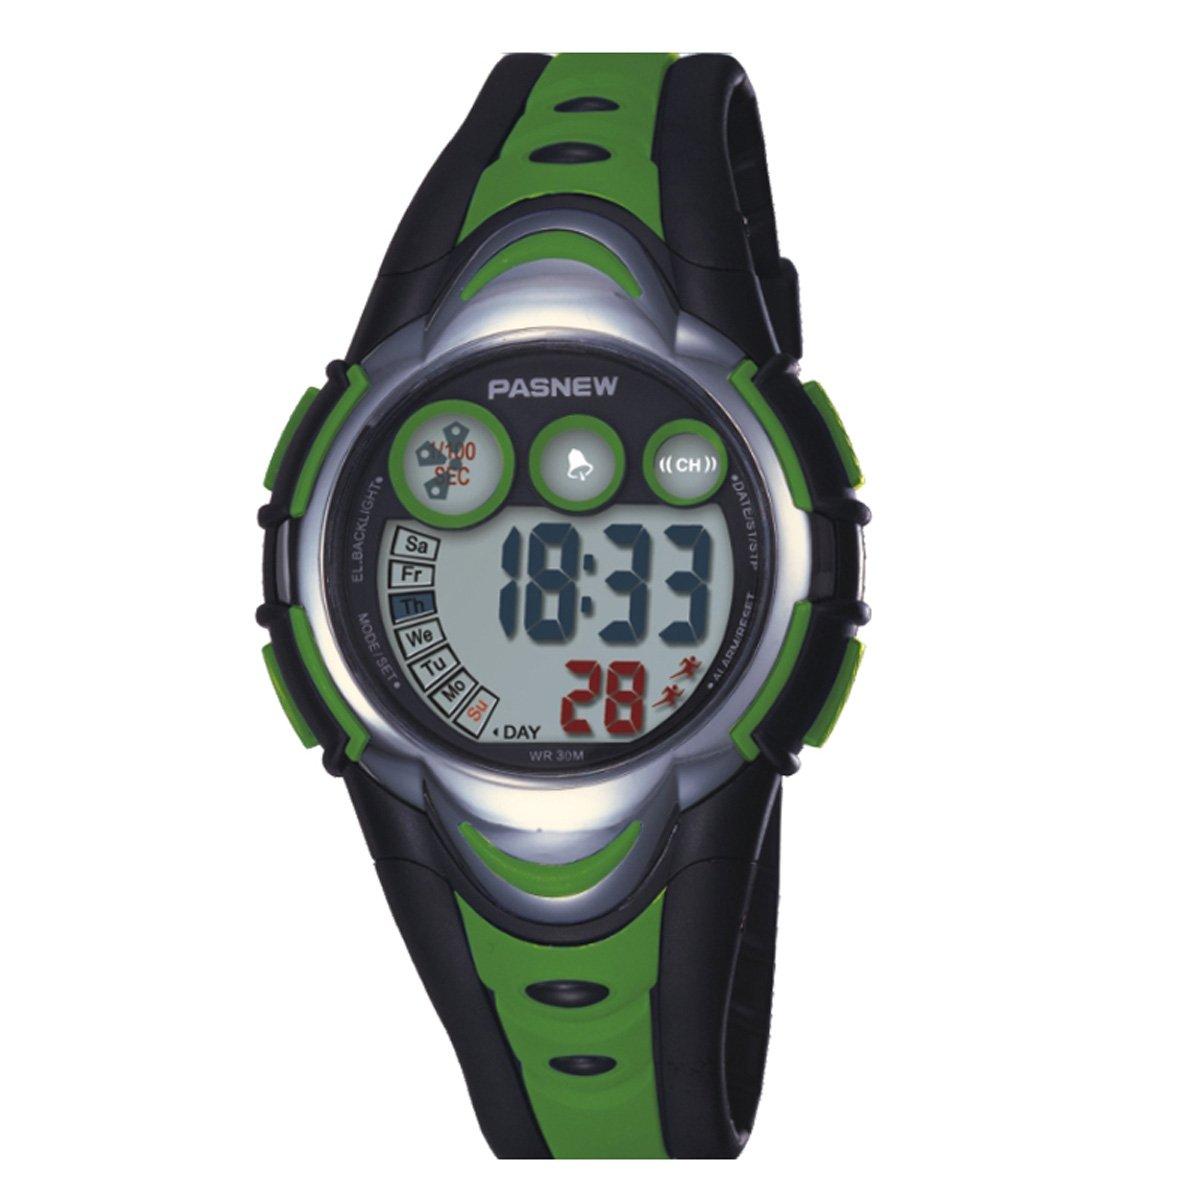 BesWlz Kids Outdoors Sport Watch Led Light Digital Waterproof Watches for Boys Girls (Green) by BesWlz